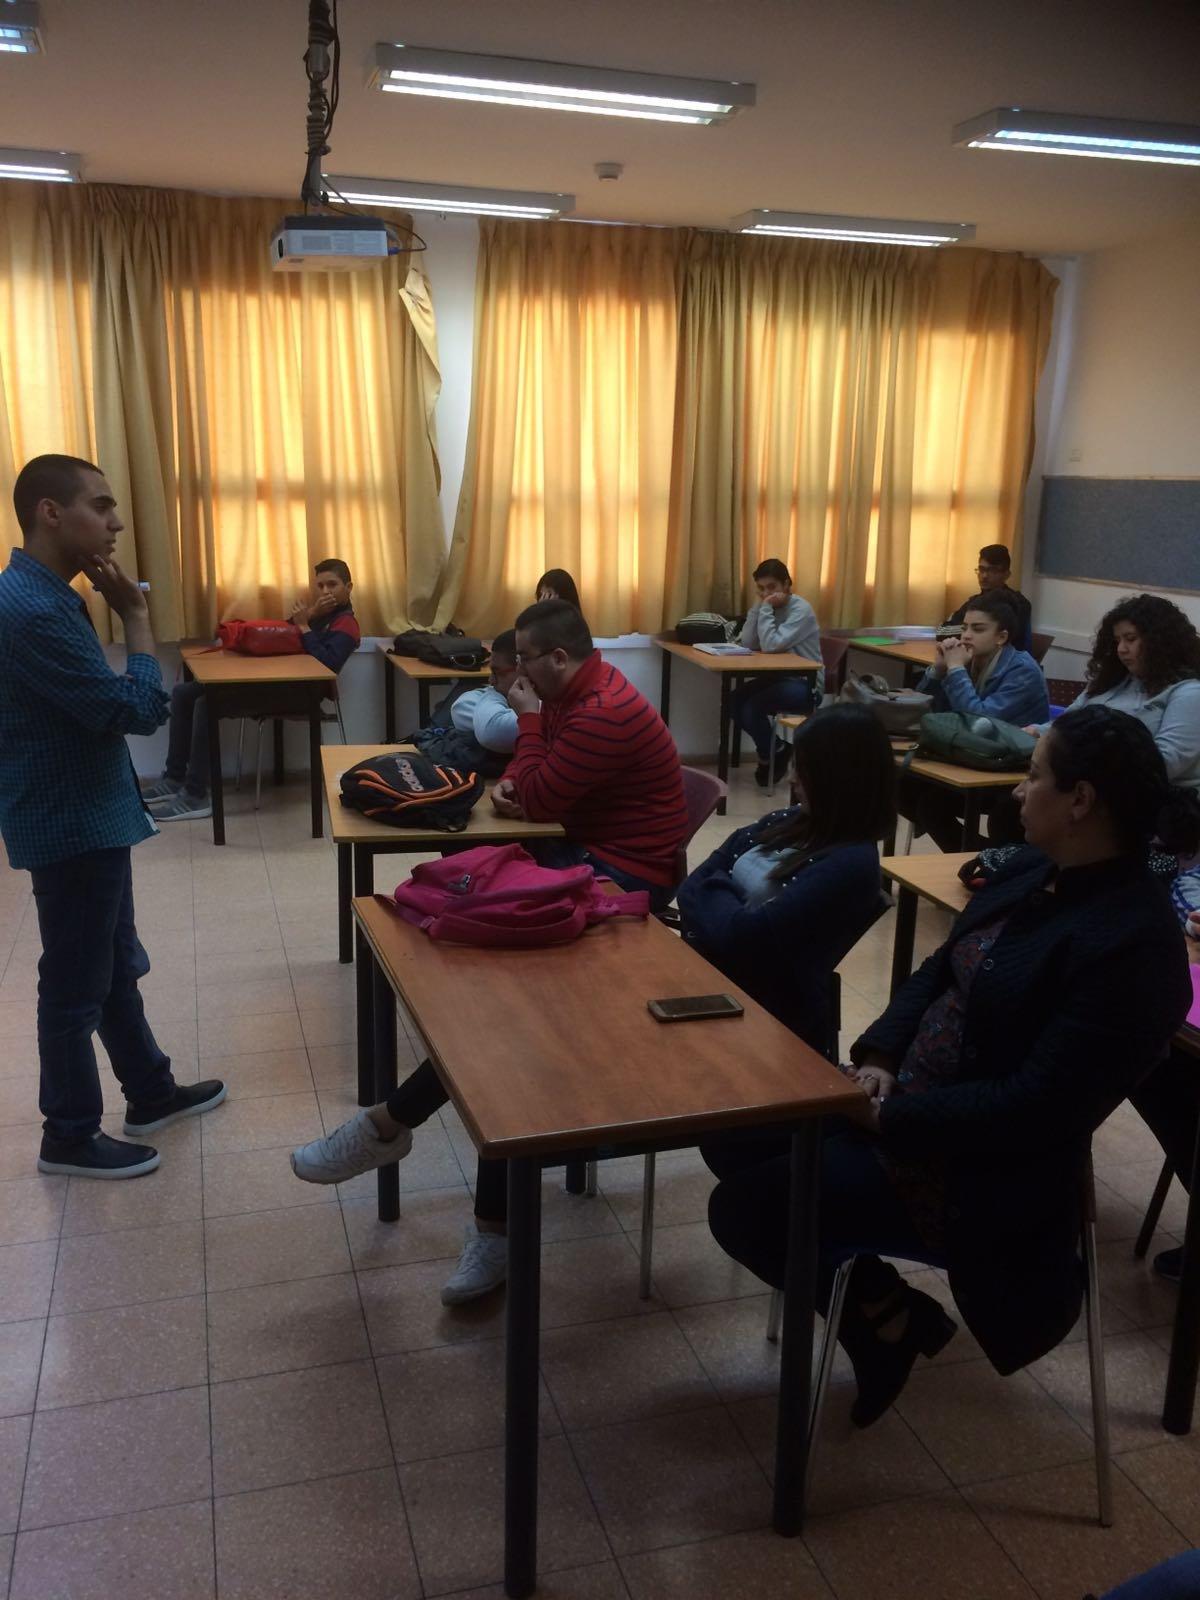 محاضرات بموضوع الديمقراطية المحلية في مدرسة اورط حلمي الشافعي عكا